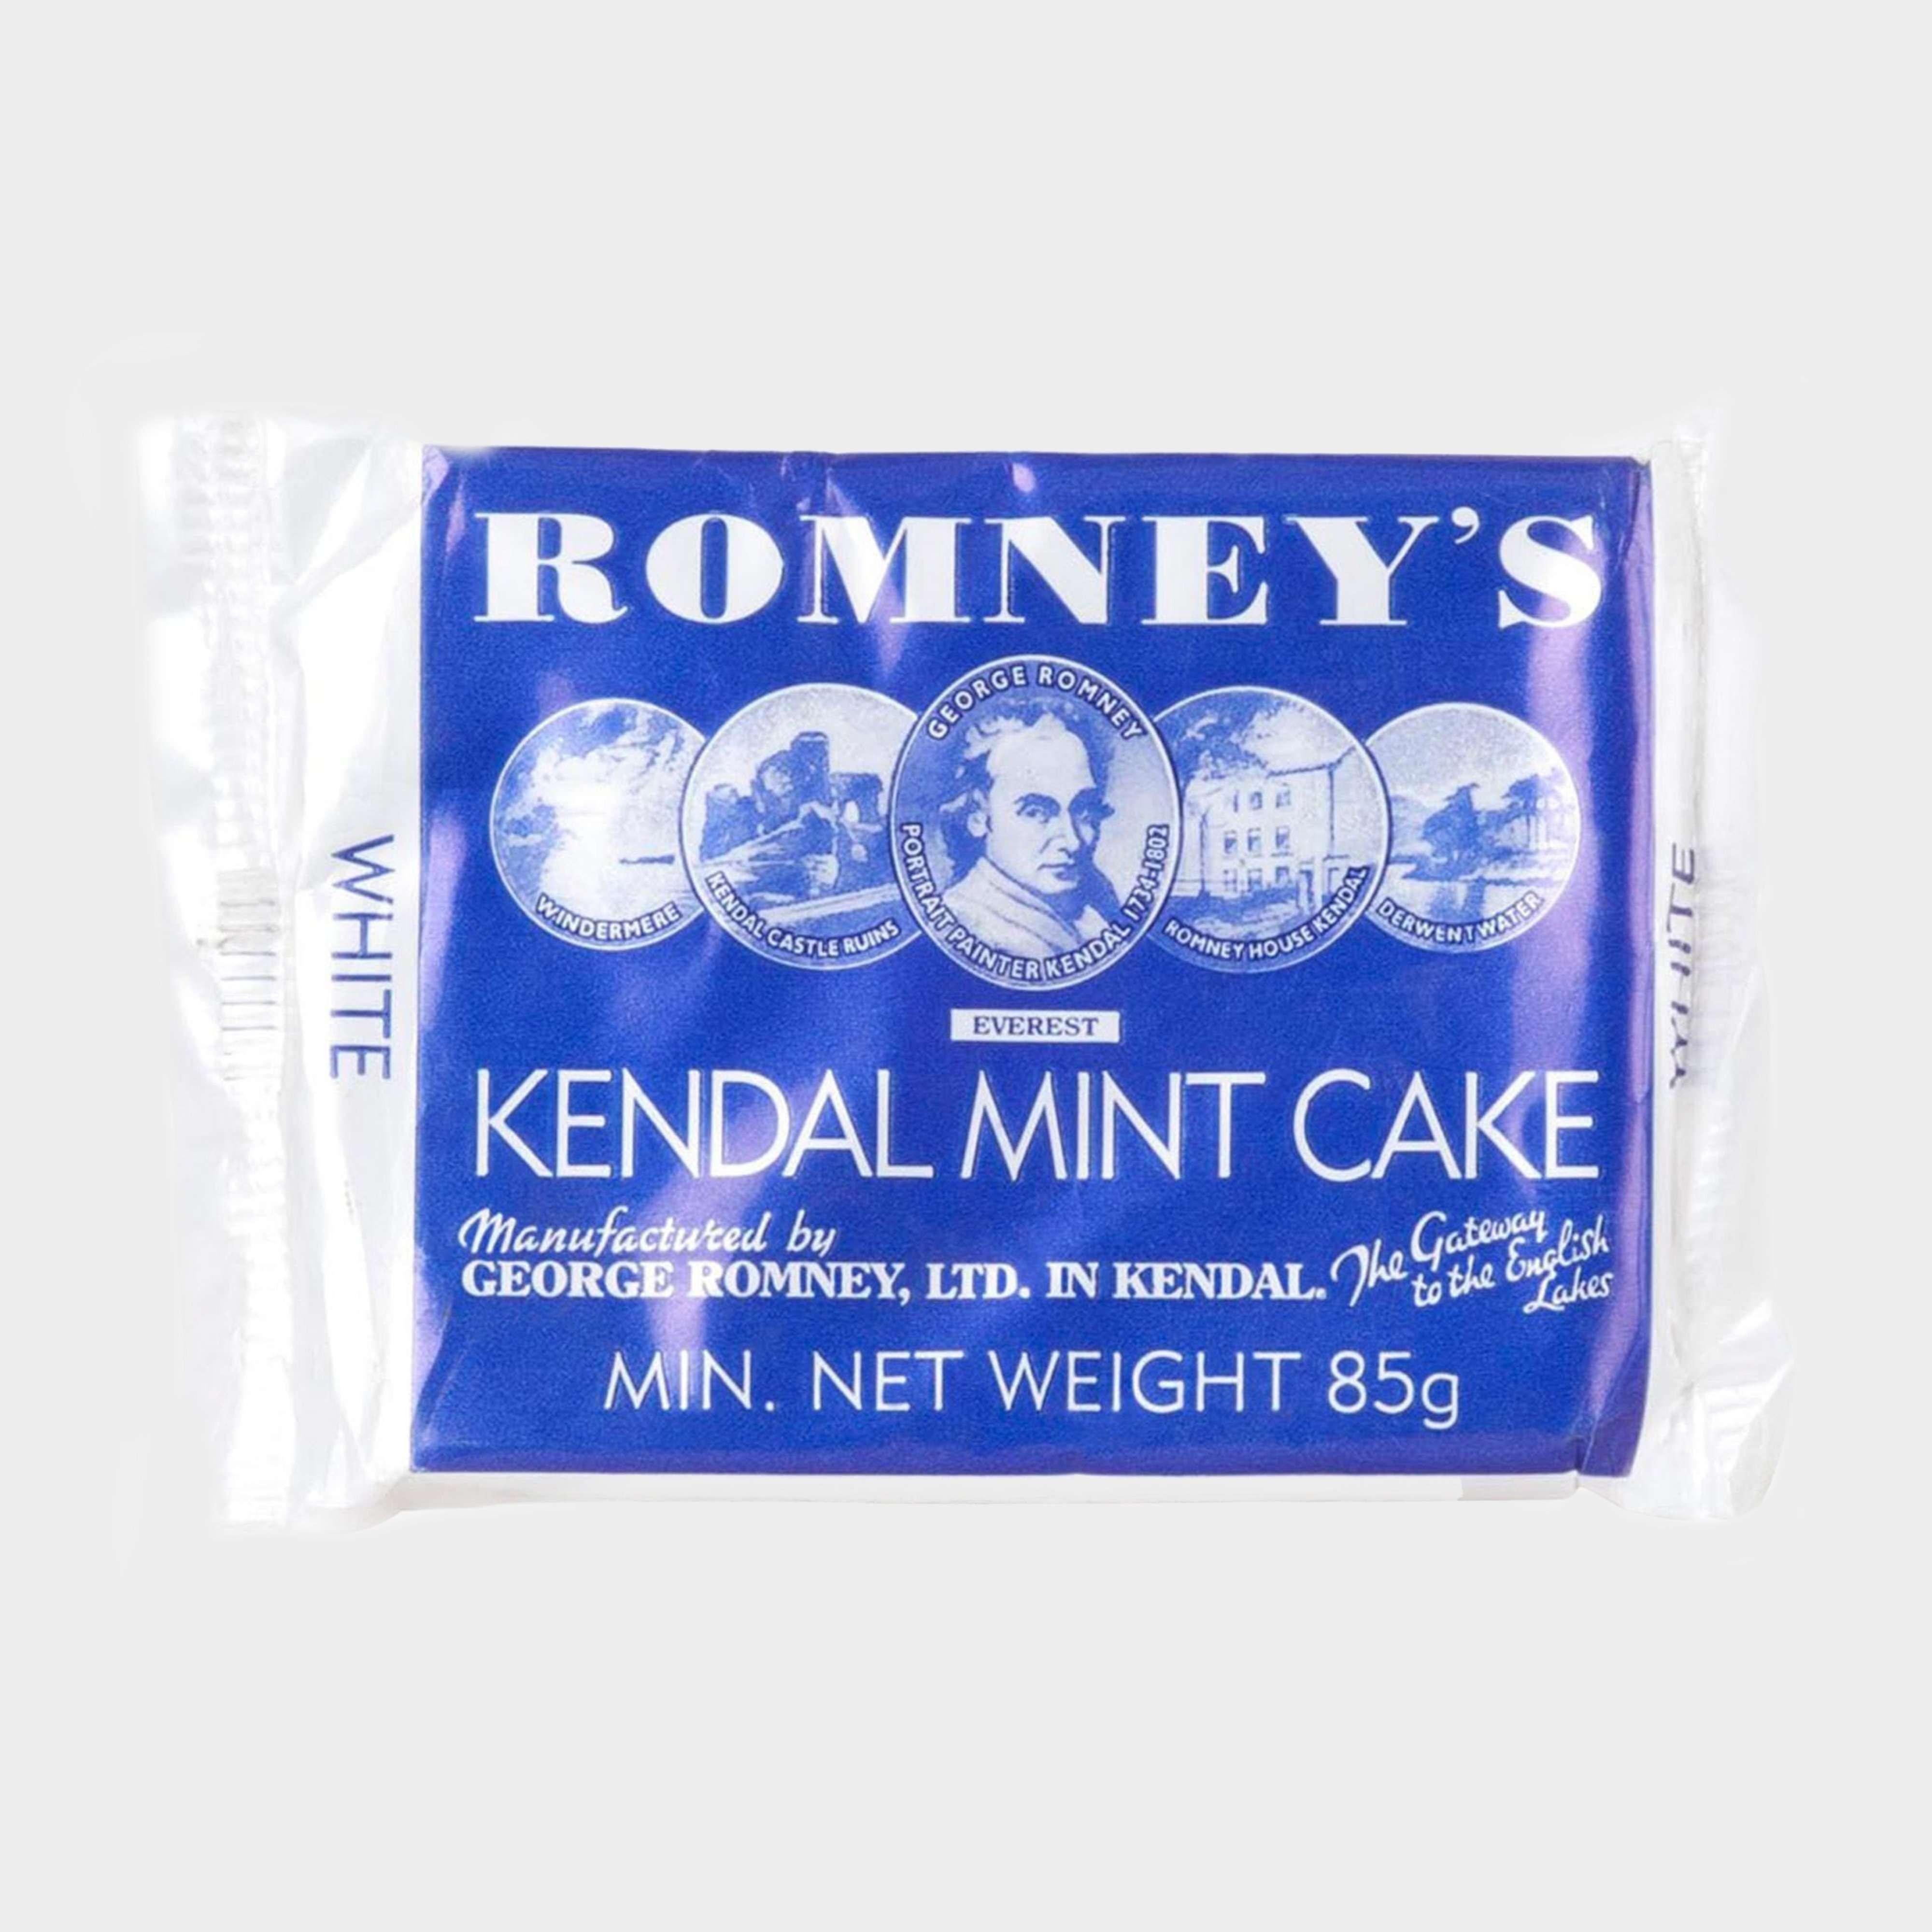 ROMNEYS Kendal Mint Cake 85g